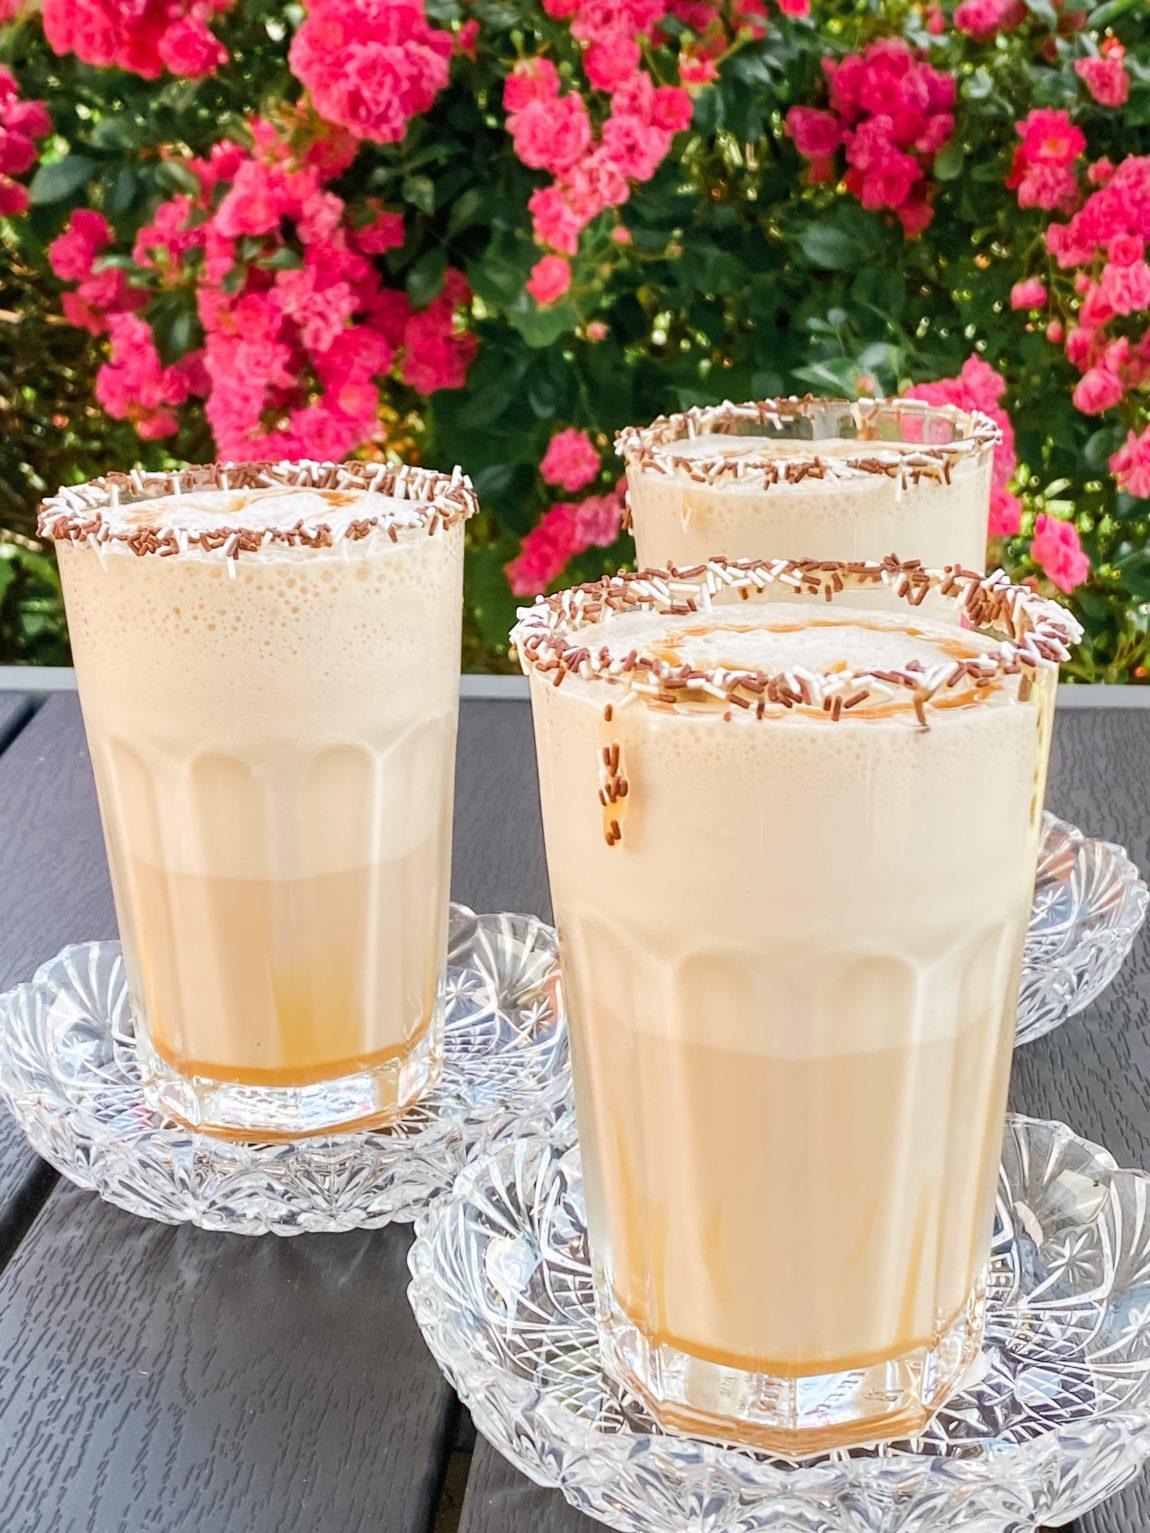 Frappé med kaffe og karamel